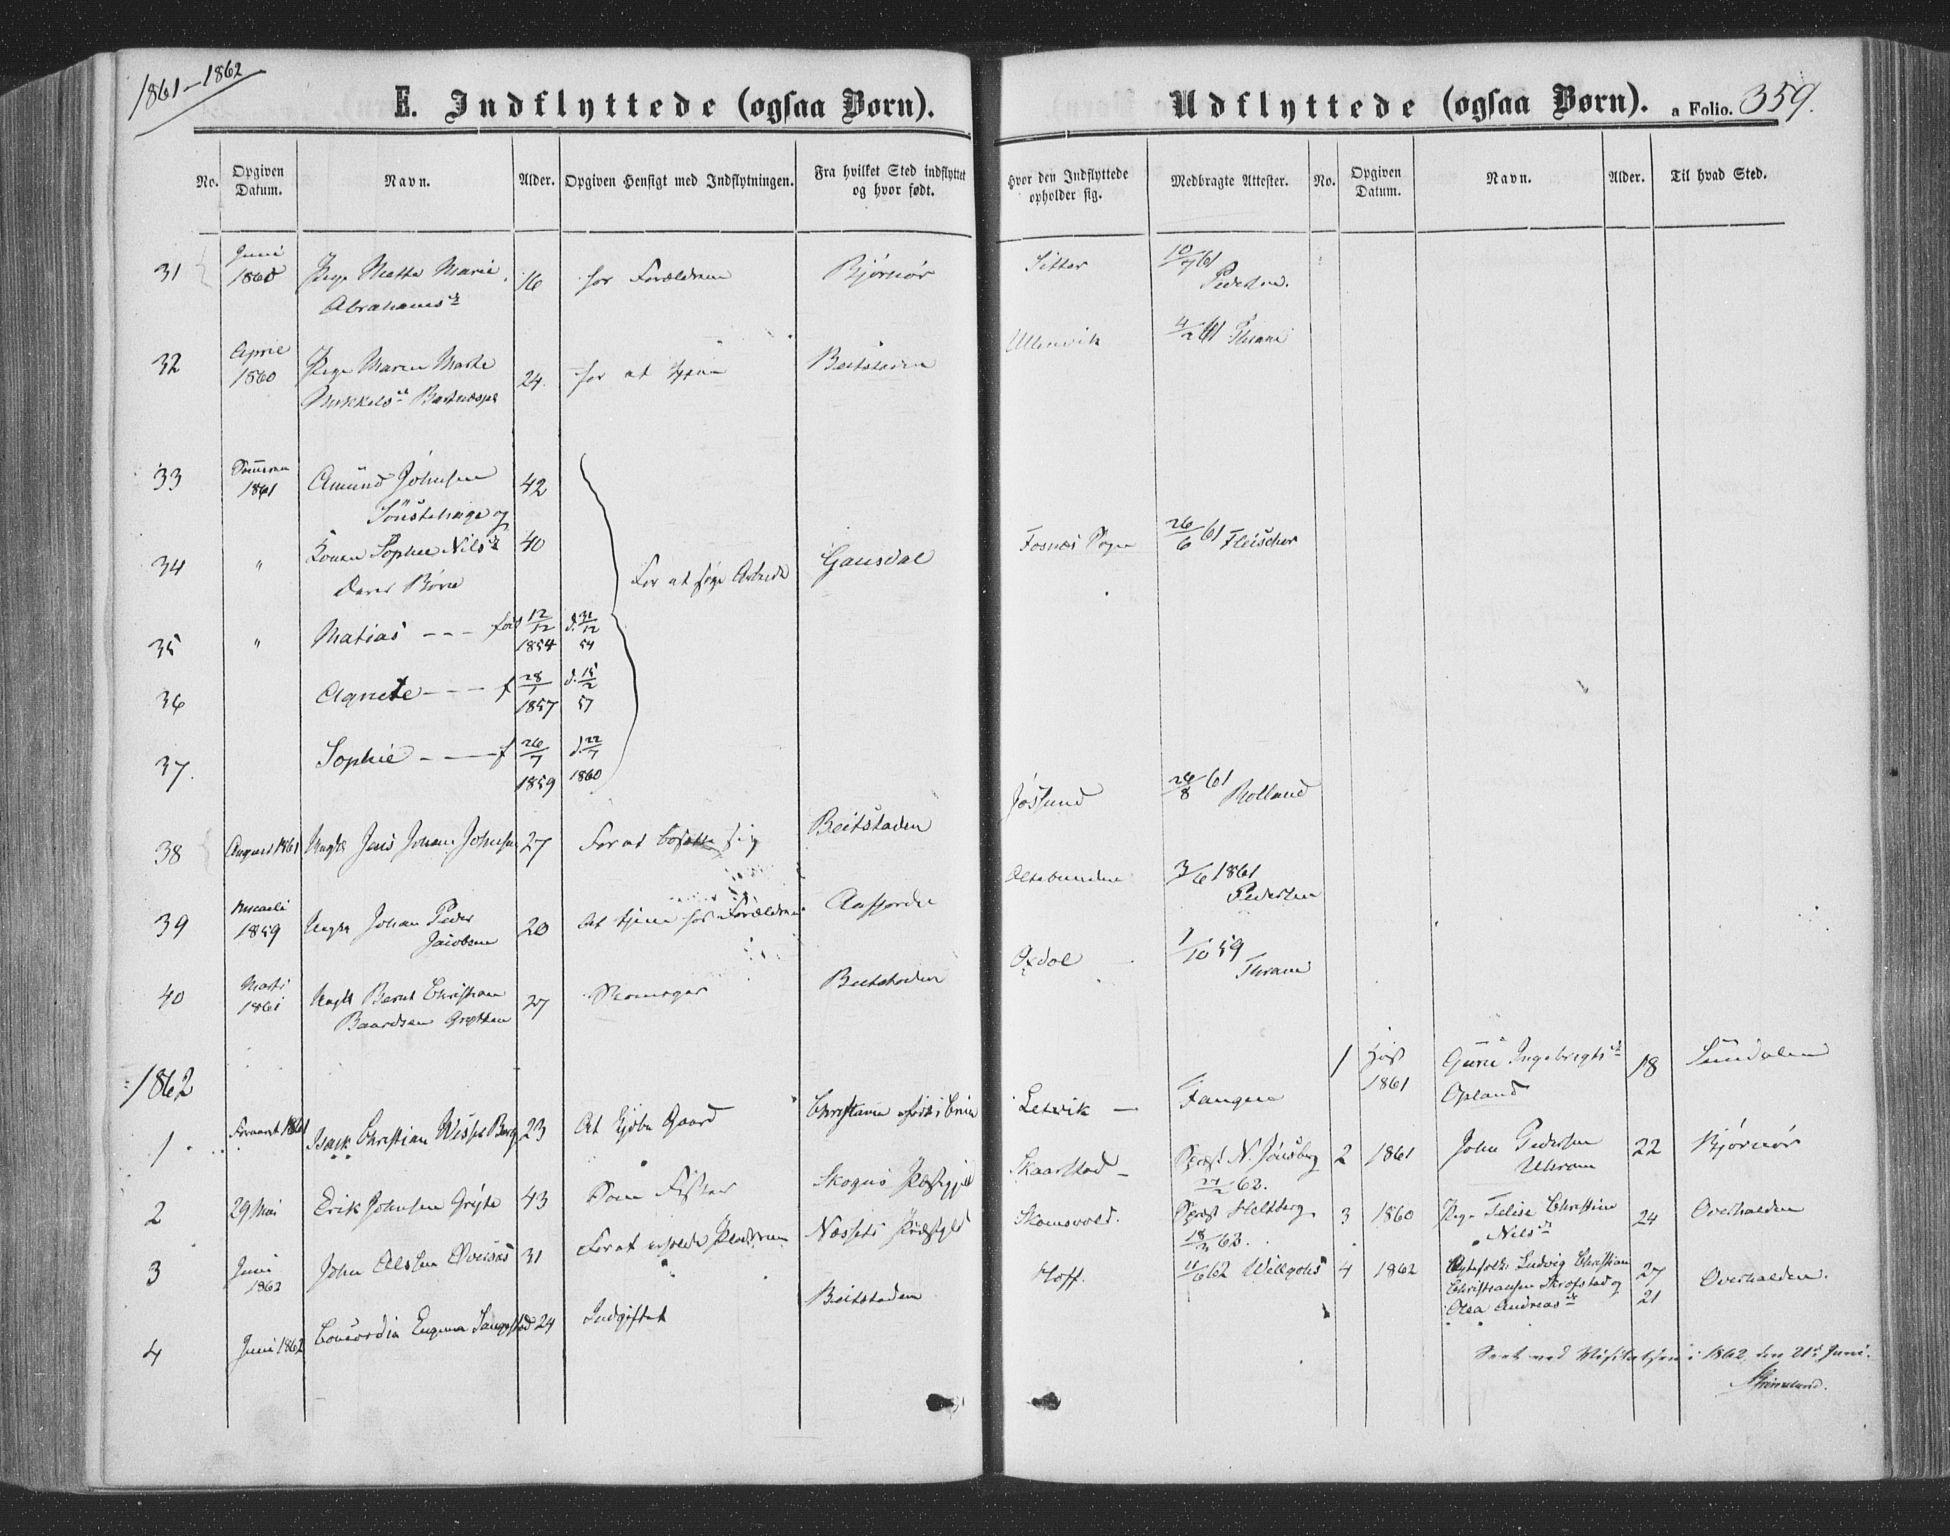 SAT, Ministerialprotokoller, klokkerbøker og fødselsregistre - Nord-Trøndelag, 773/L0615: Ministerialbok nr. 773A06, 1857-1870, s. 359